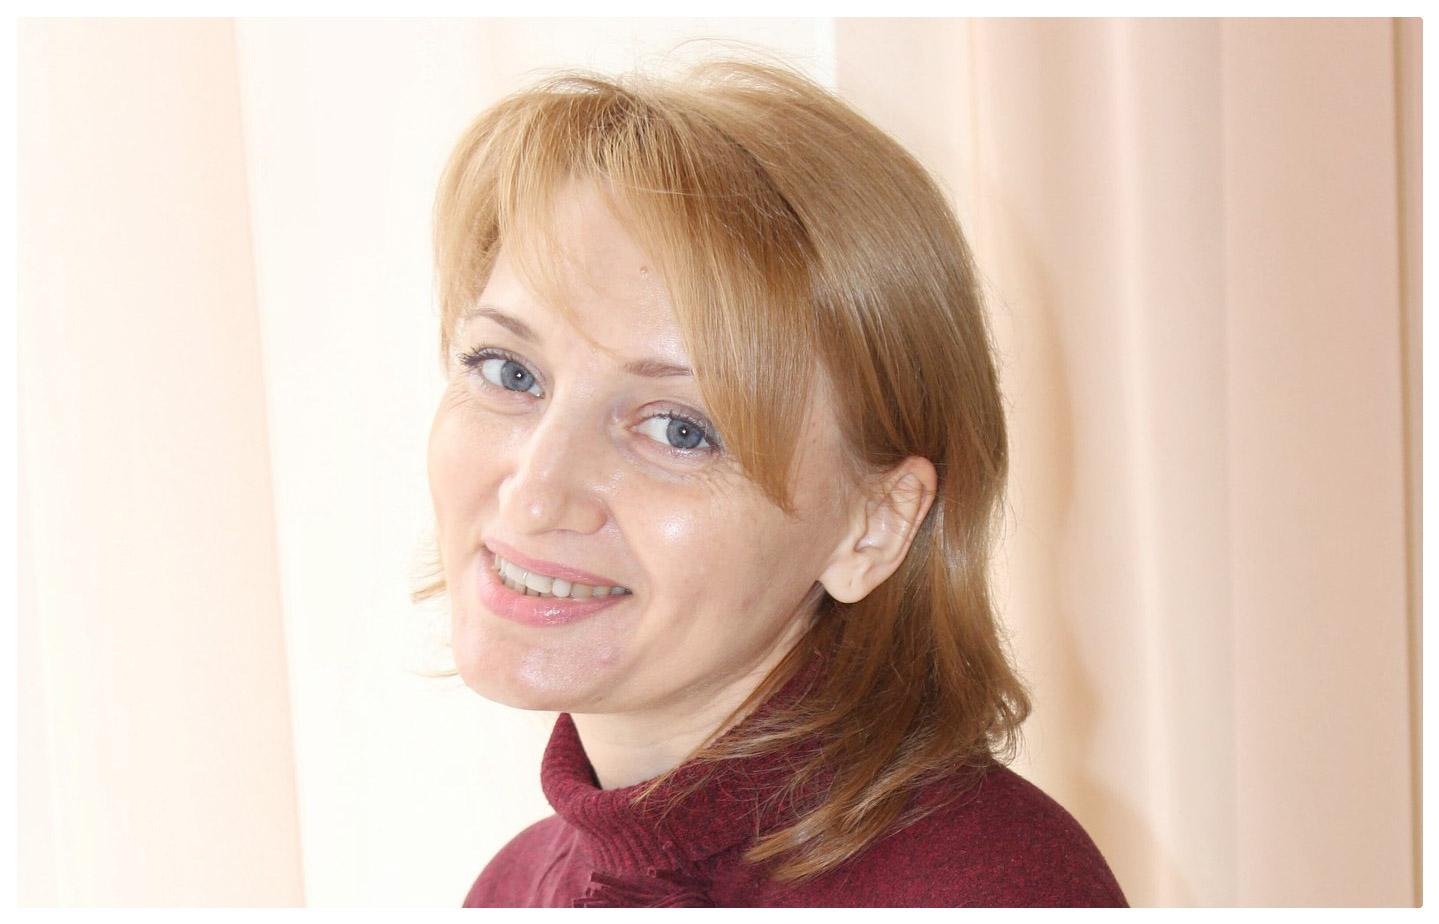 Людмила Казанцева: «Необходимо перестать наклеивать ярлыки на тех, кто придерживается иной точки зрения. Фразы «весьма мощное движение антипрививочников», «антипрививочное лобби» — это и есть настоящие ярлыки» (12.08.20)